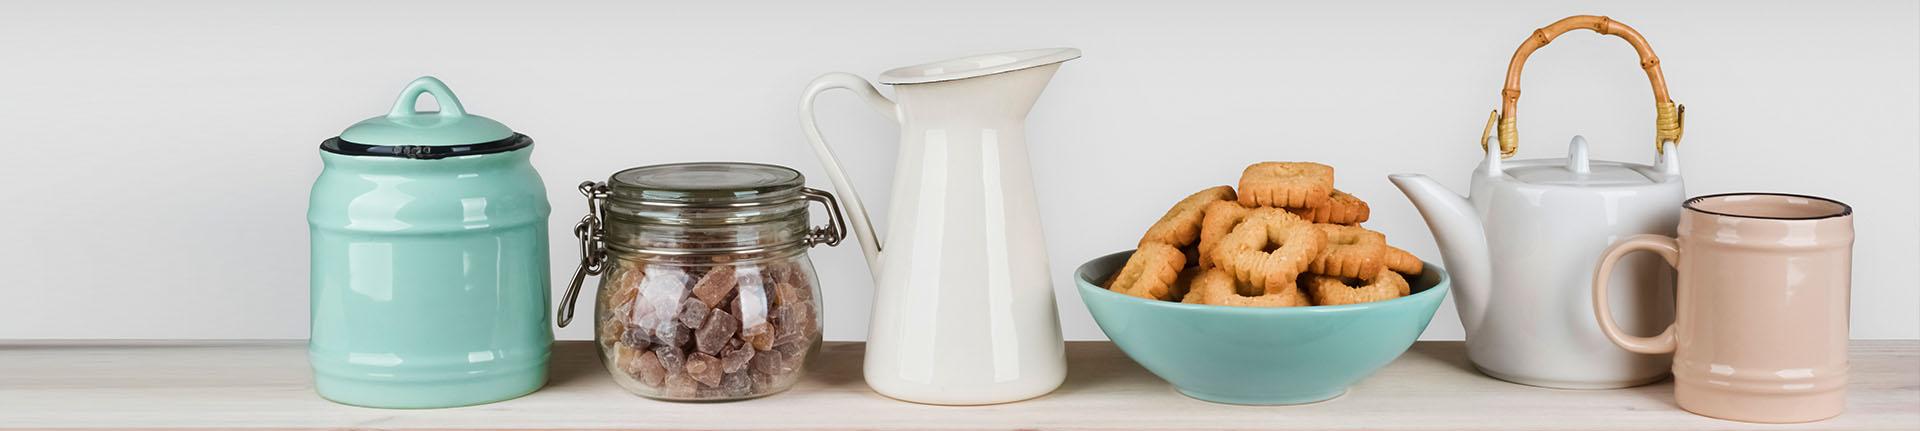 Plástico na cozinha: dicas para eliminar esse mal